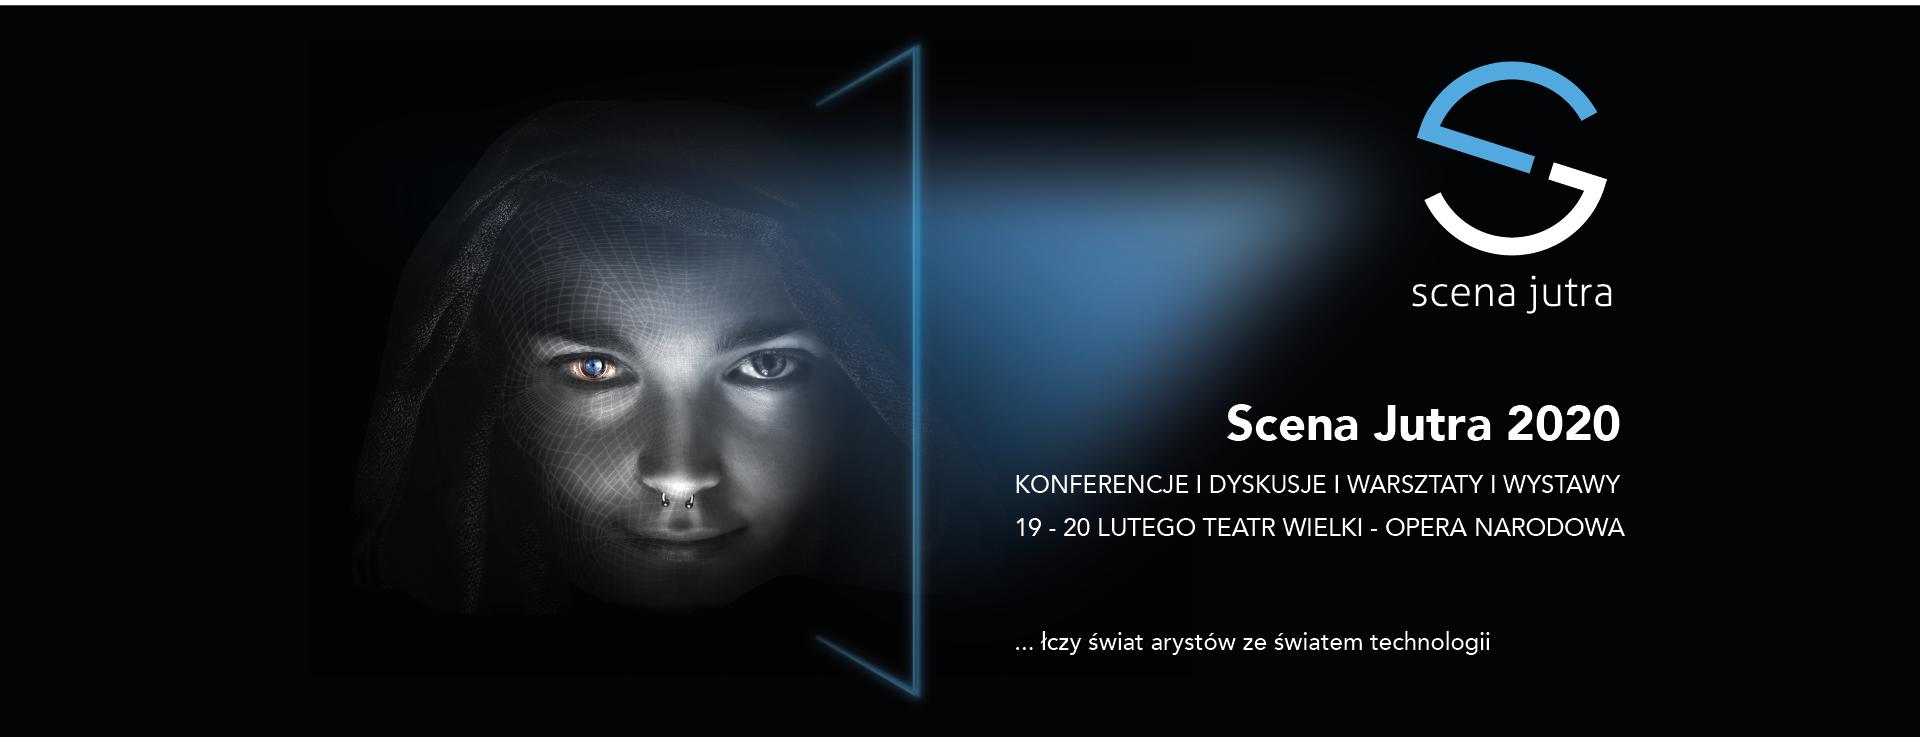 Zapraszamy na Międzynarodową Konferencję Nowych Technologii Scenicznych Scena Jutra 2020!